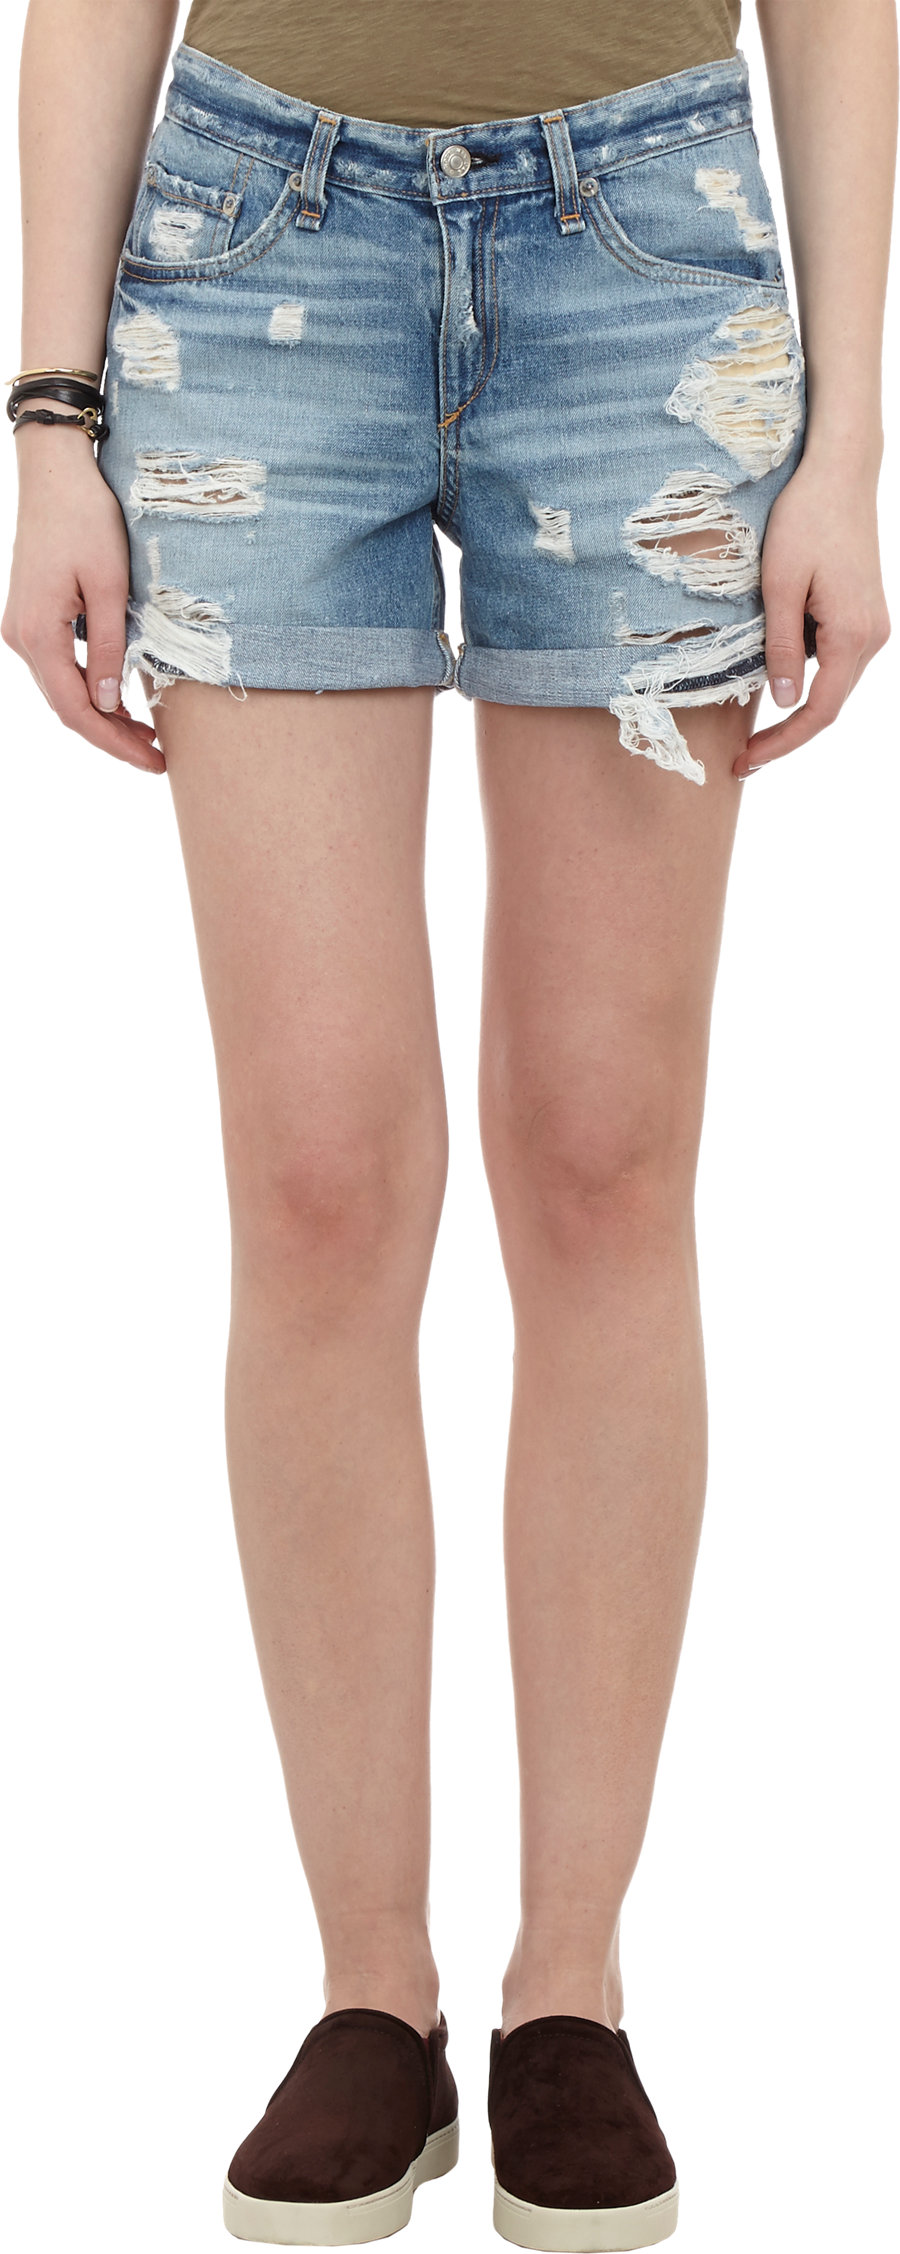 Rag & bone distressed boyfriend shorts at barneys.com